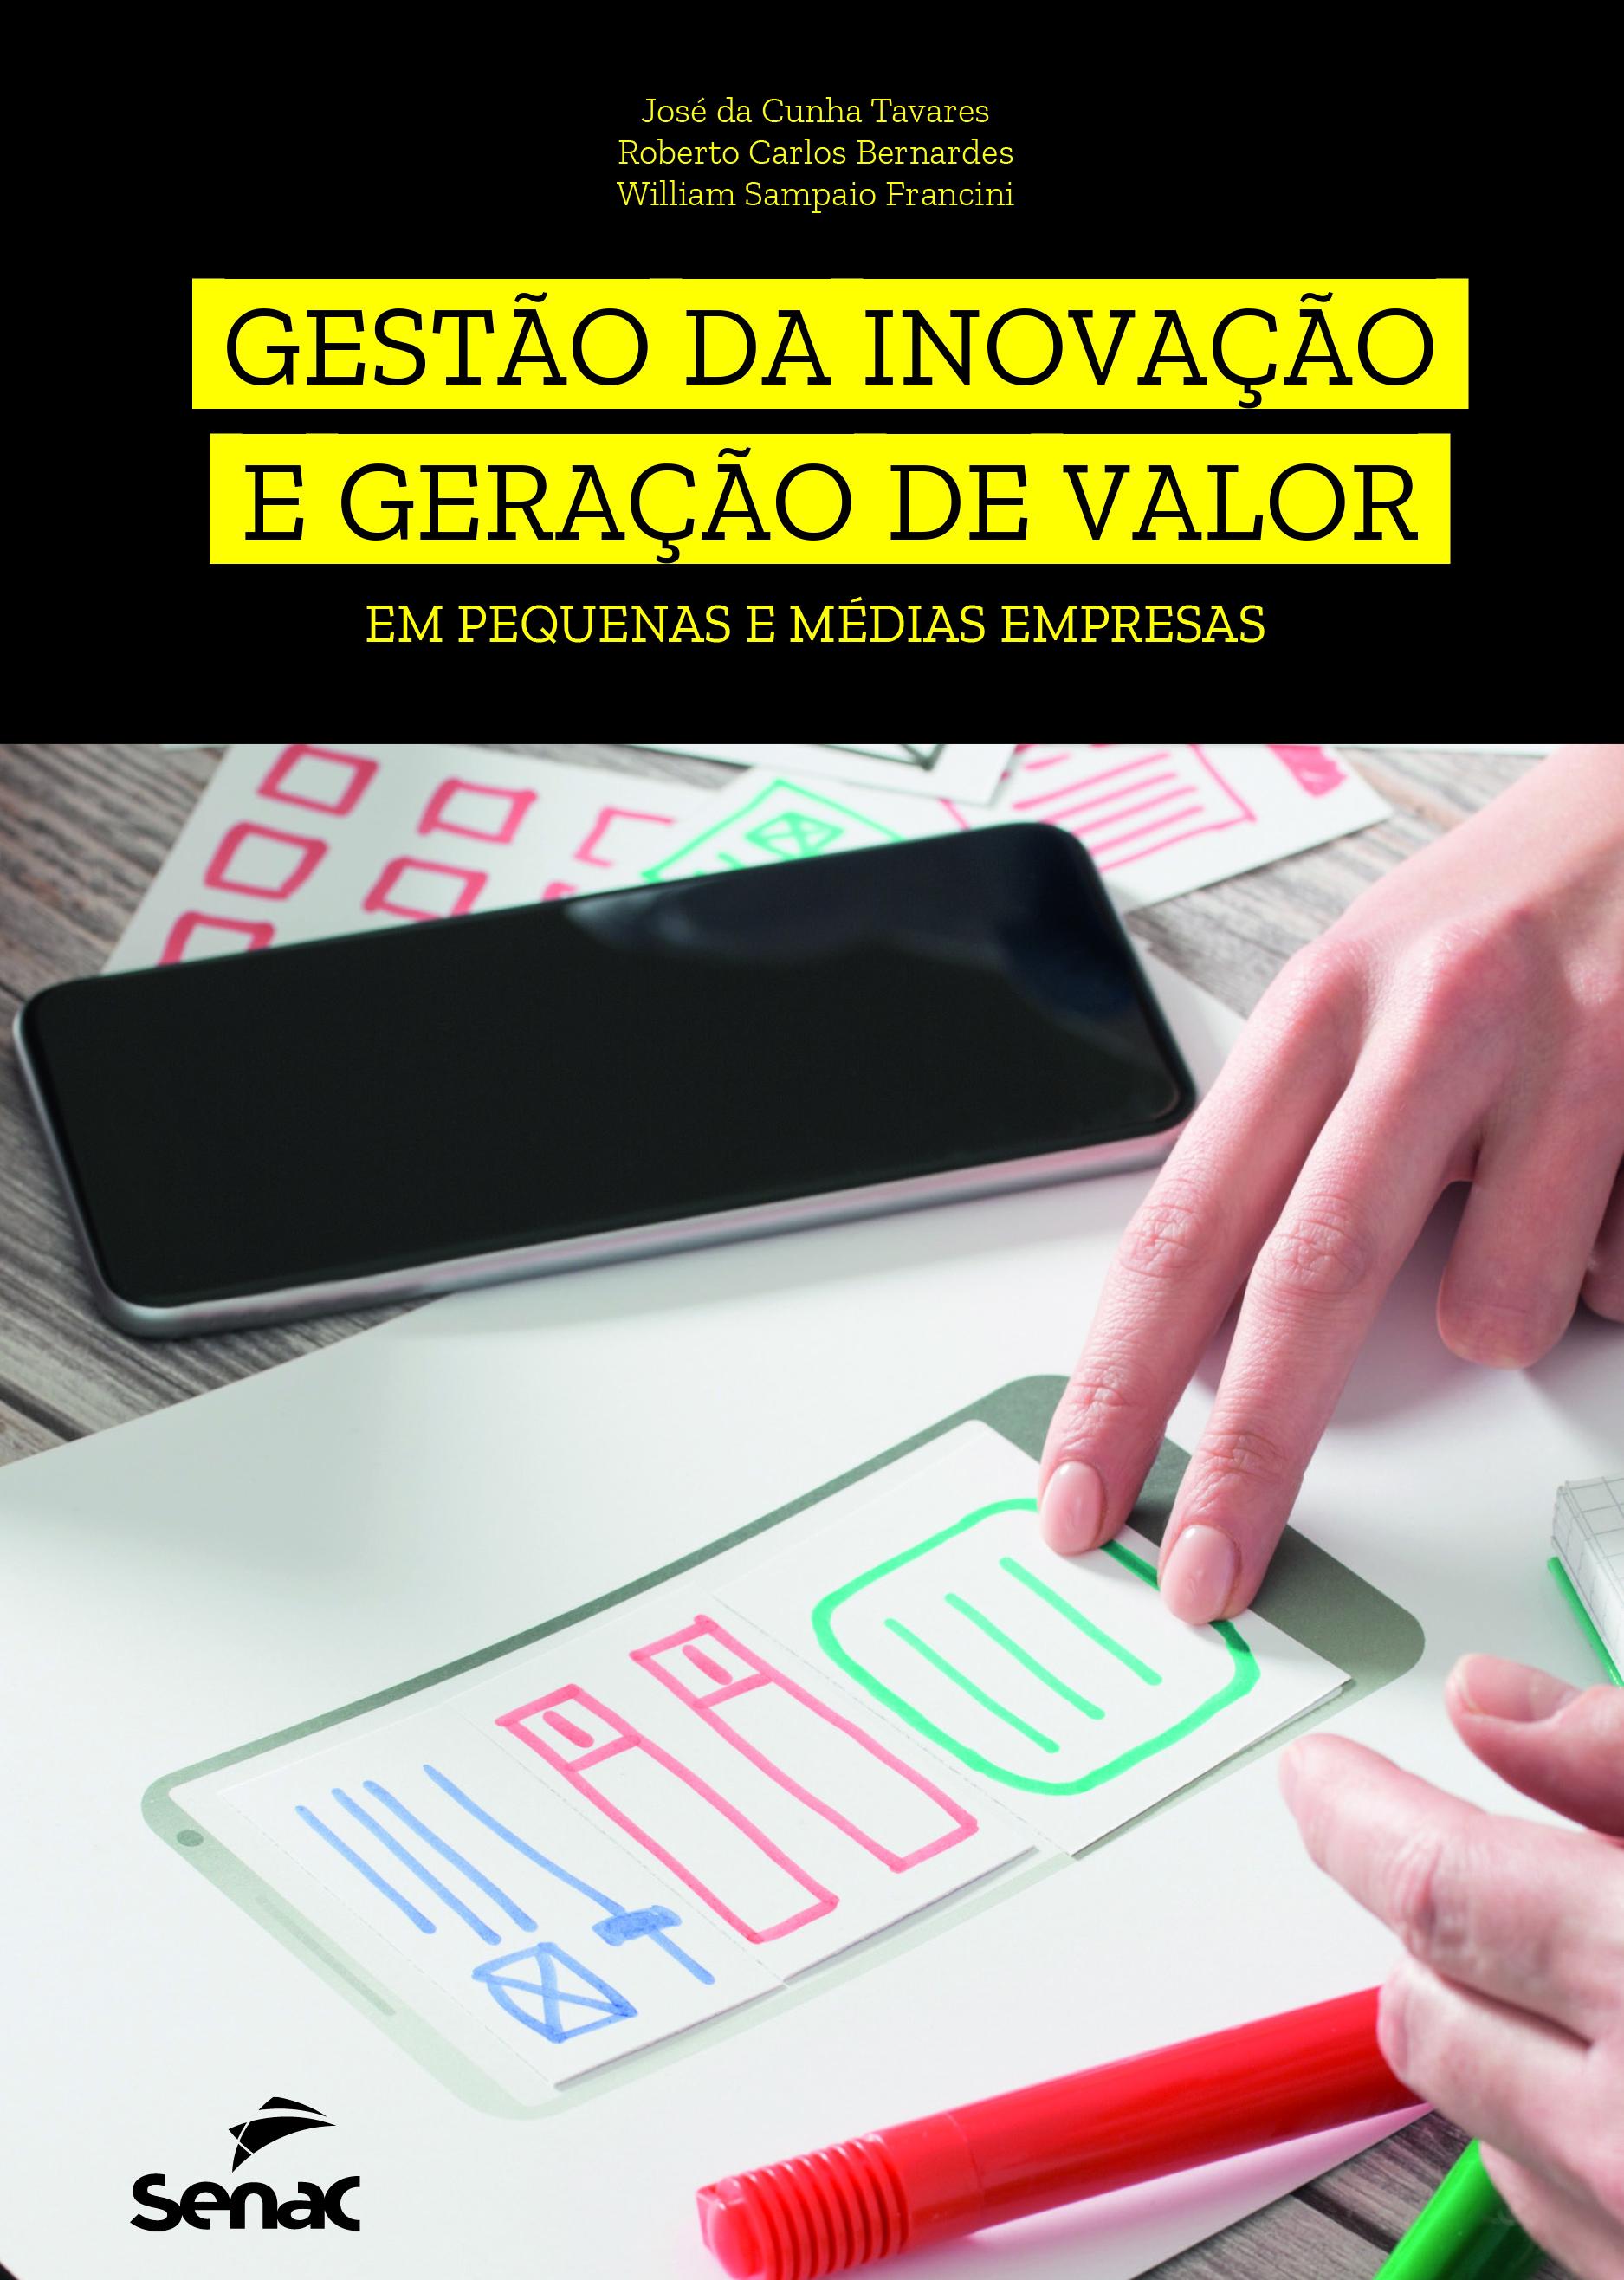 Gestão da inovação e geração de valor em pequenas e médias empresas - 1ª ed.